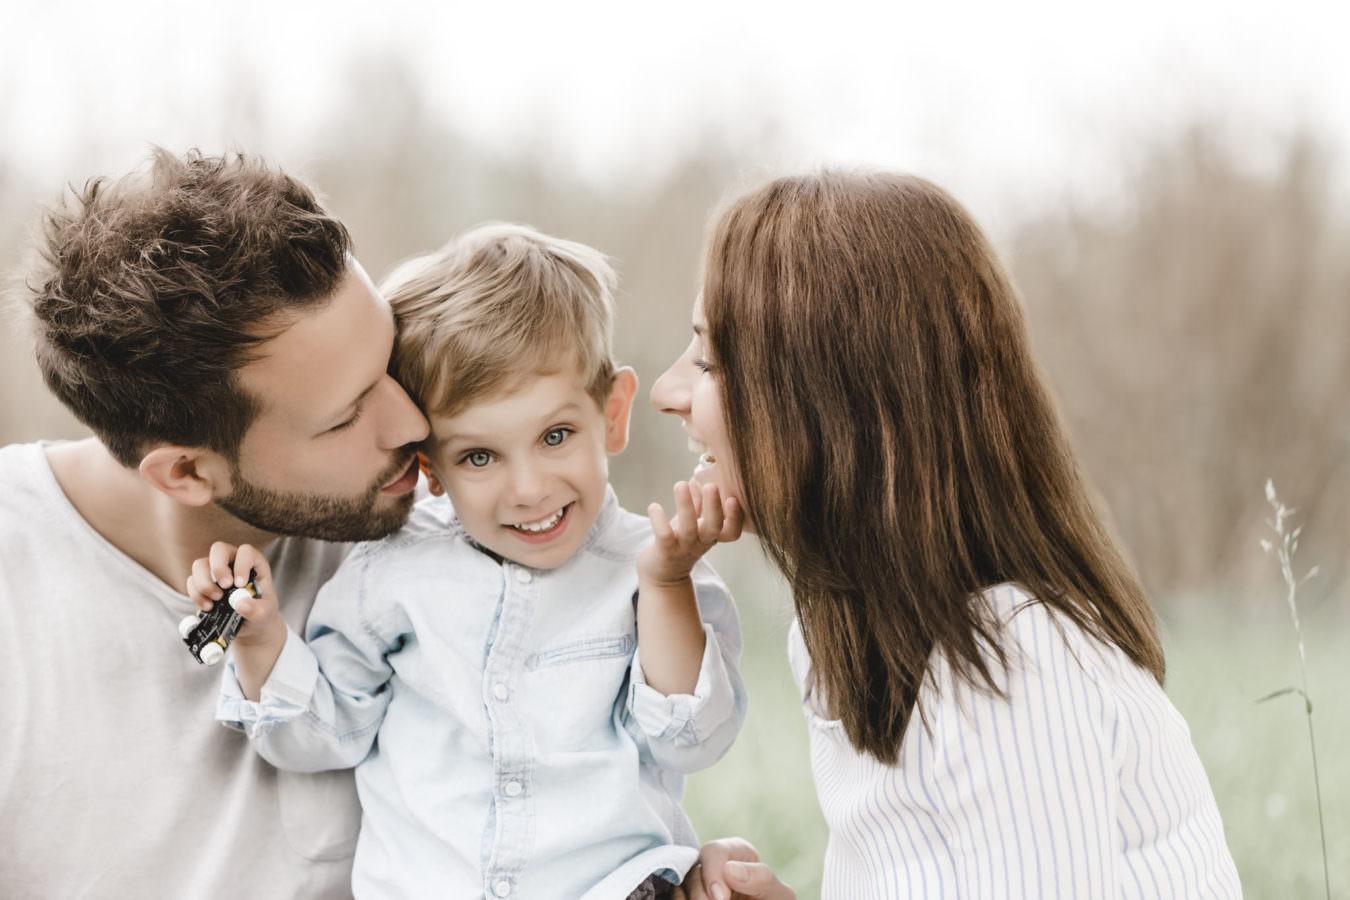 Familien Fotoshooting im Freien mit einem kleinen Jungen und seinen Eltern